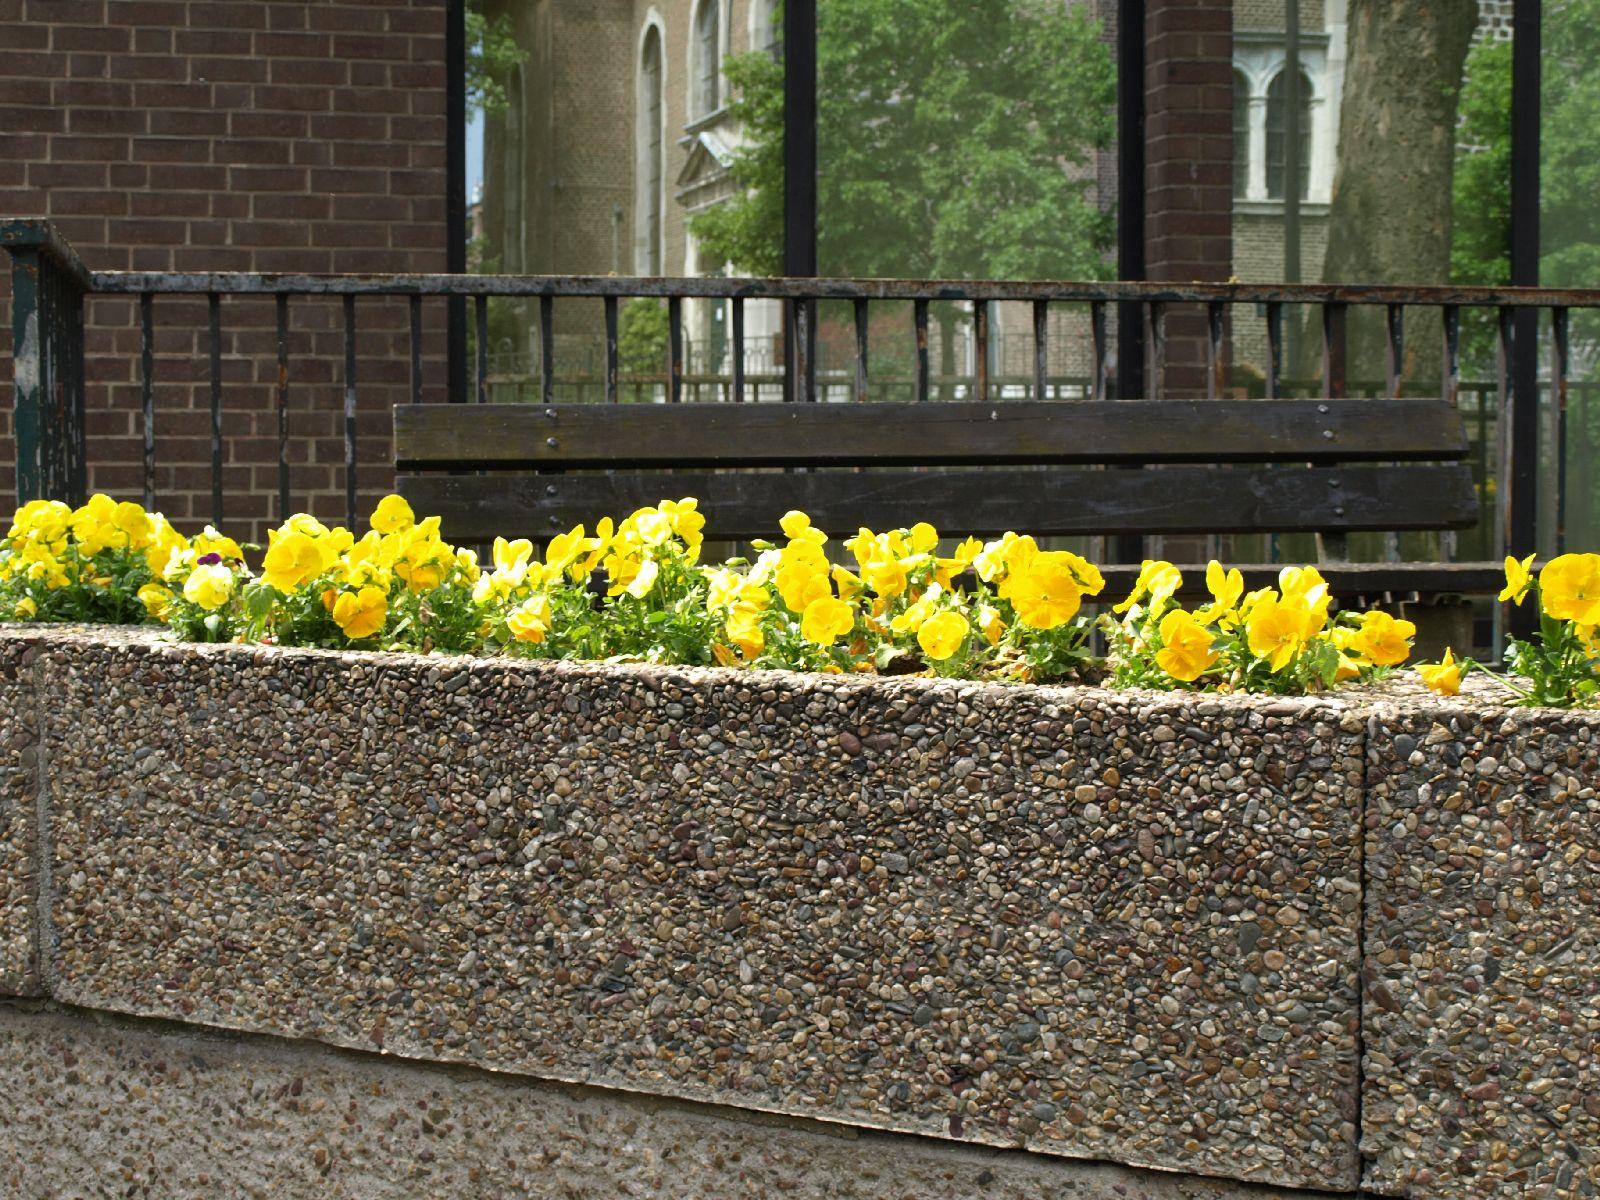 Pflanzen-Blumen-Foto_Textur_B_P5142760